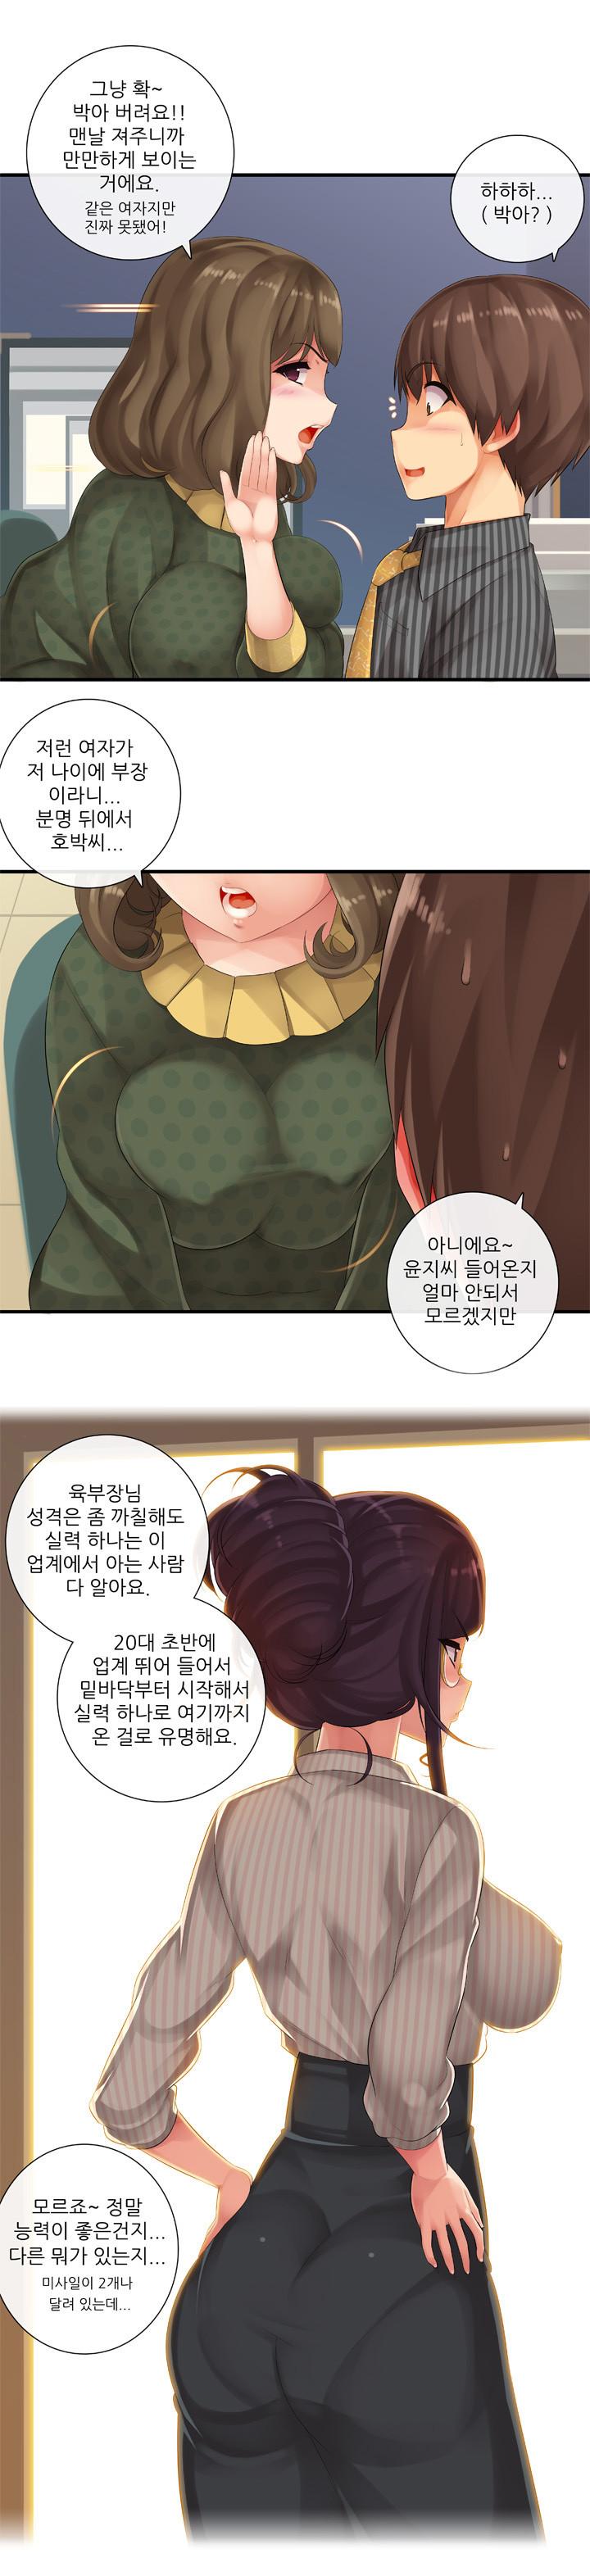 여친은 발정기4.jpg